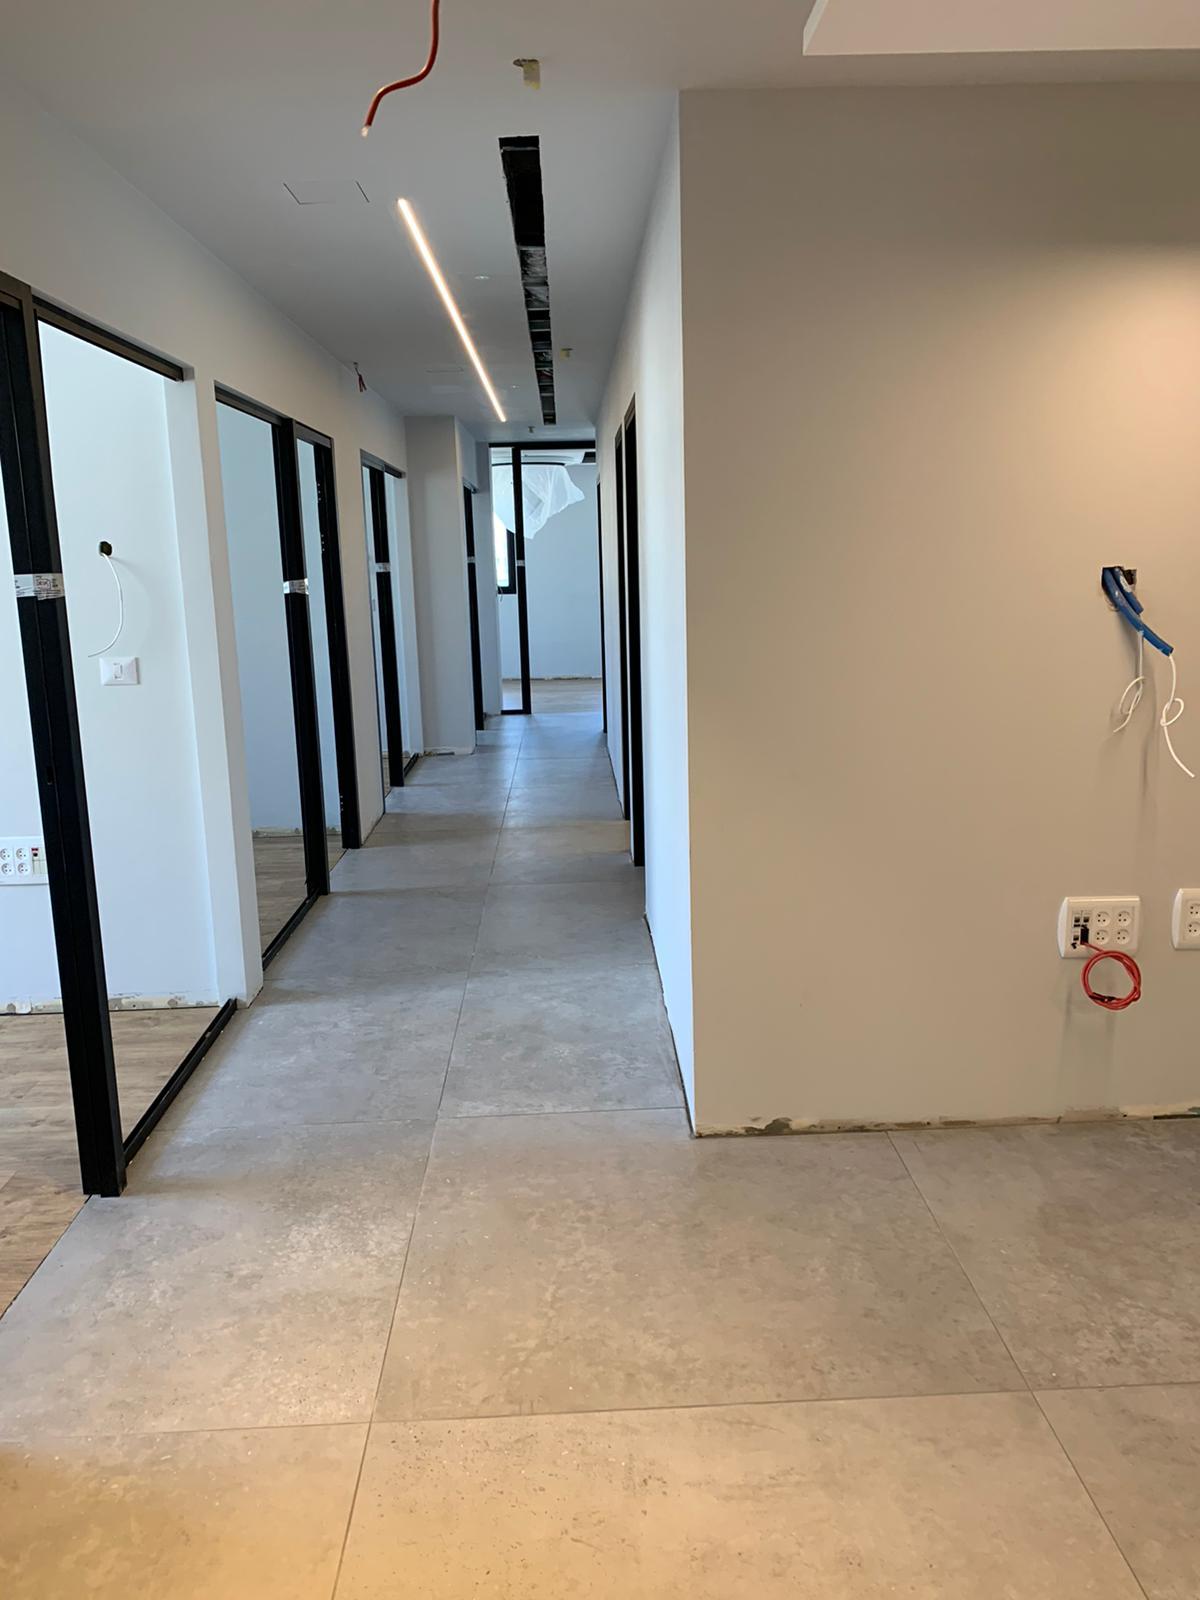 ניקיון משרדים לאחר שיפוץ